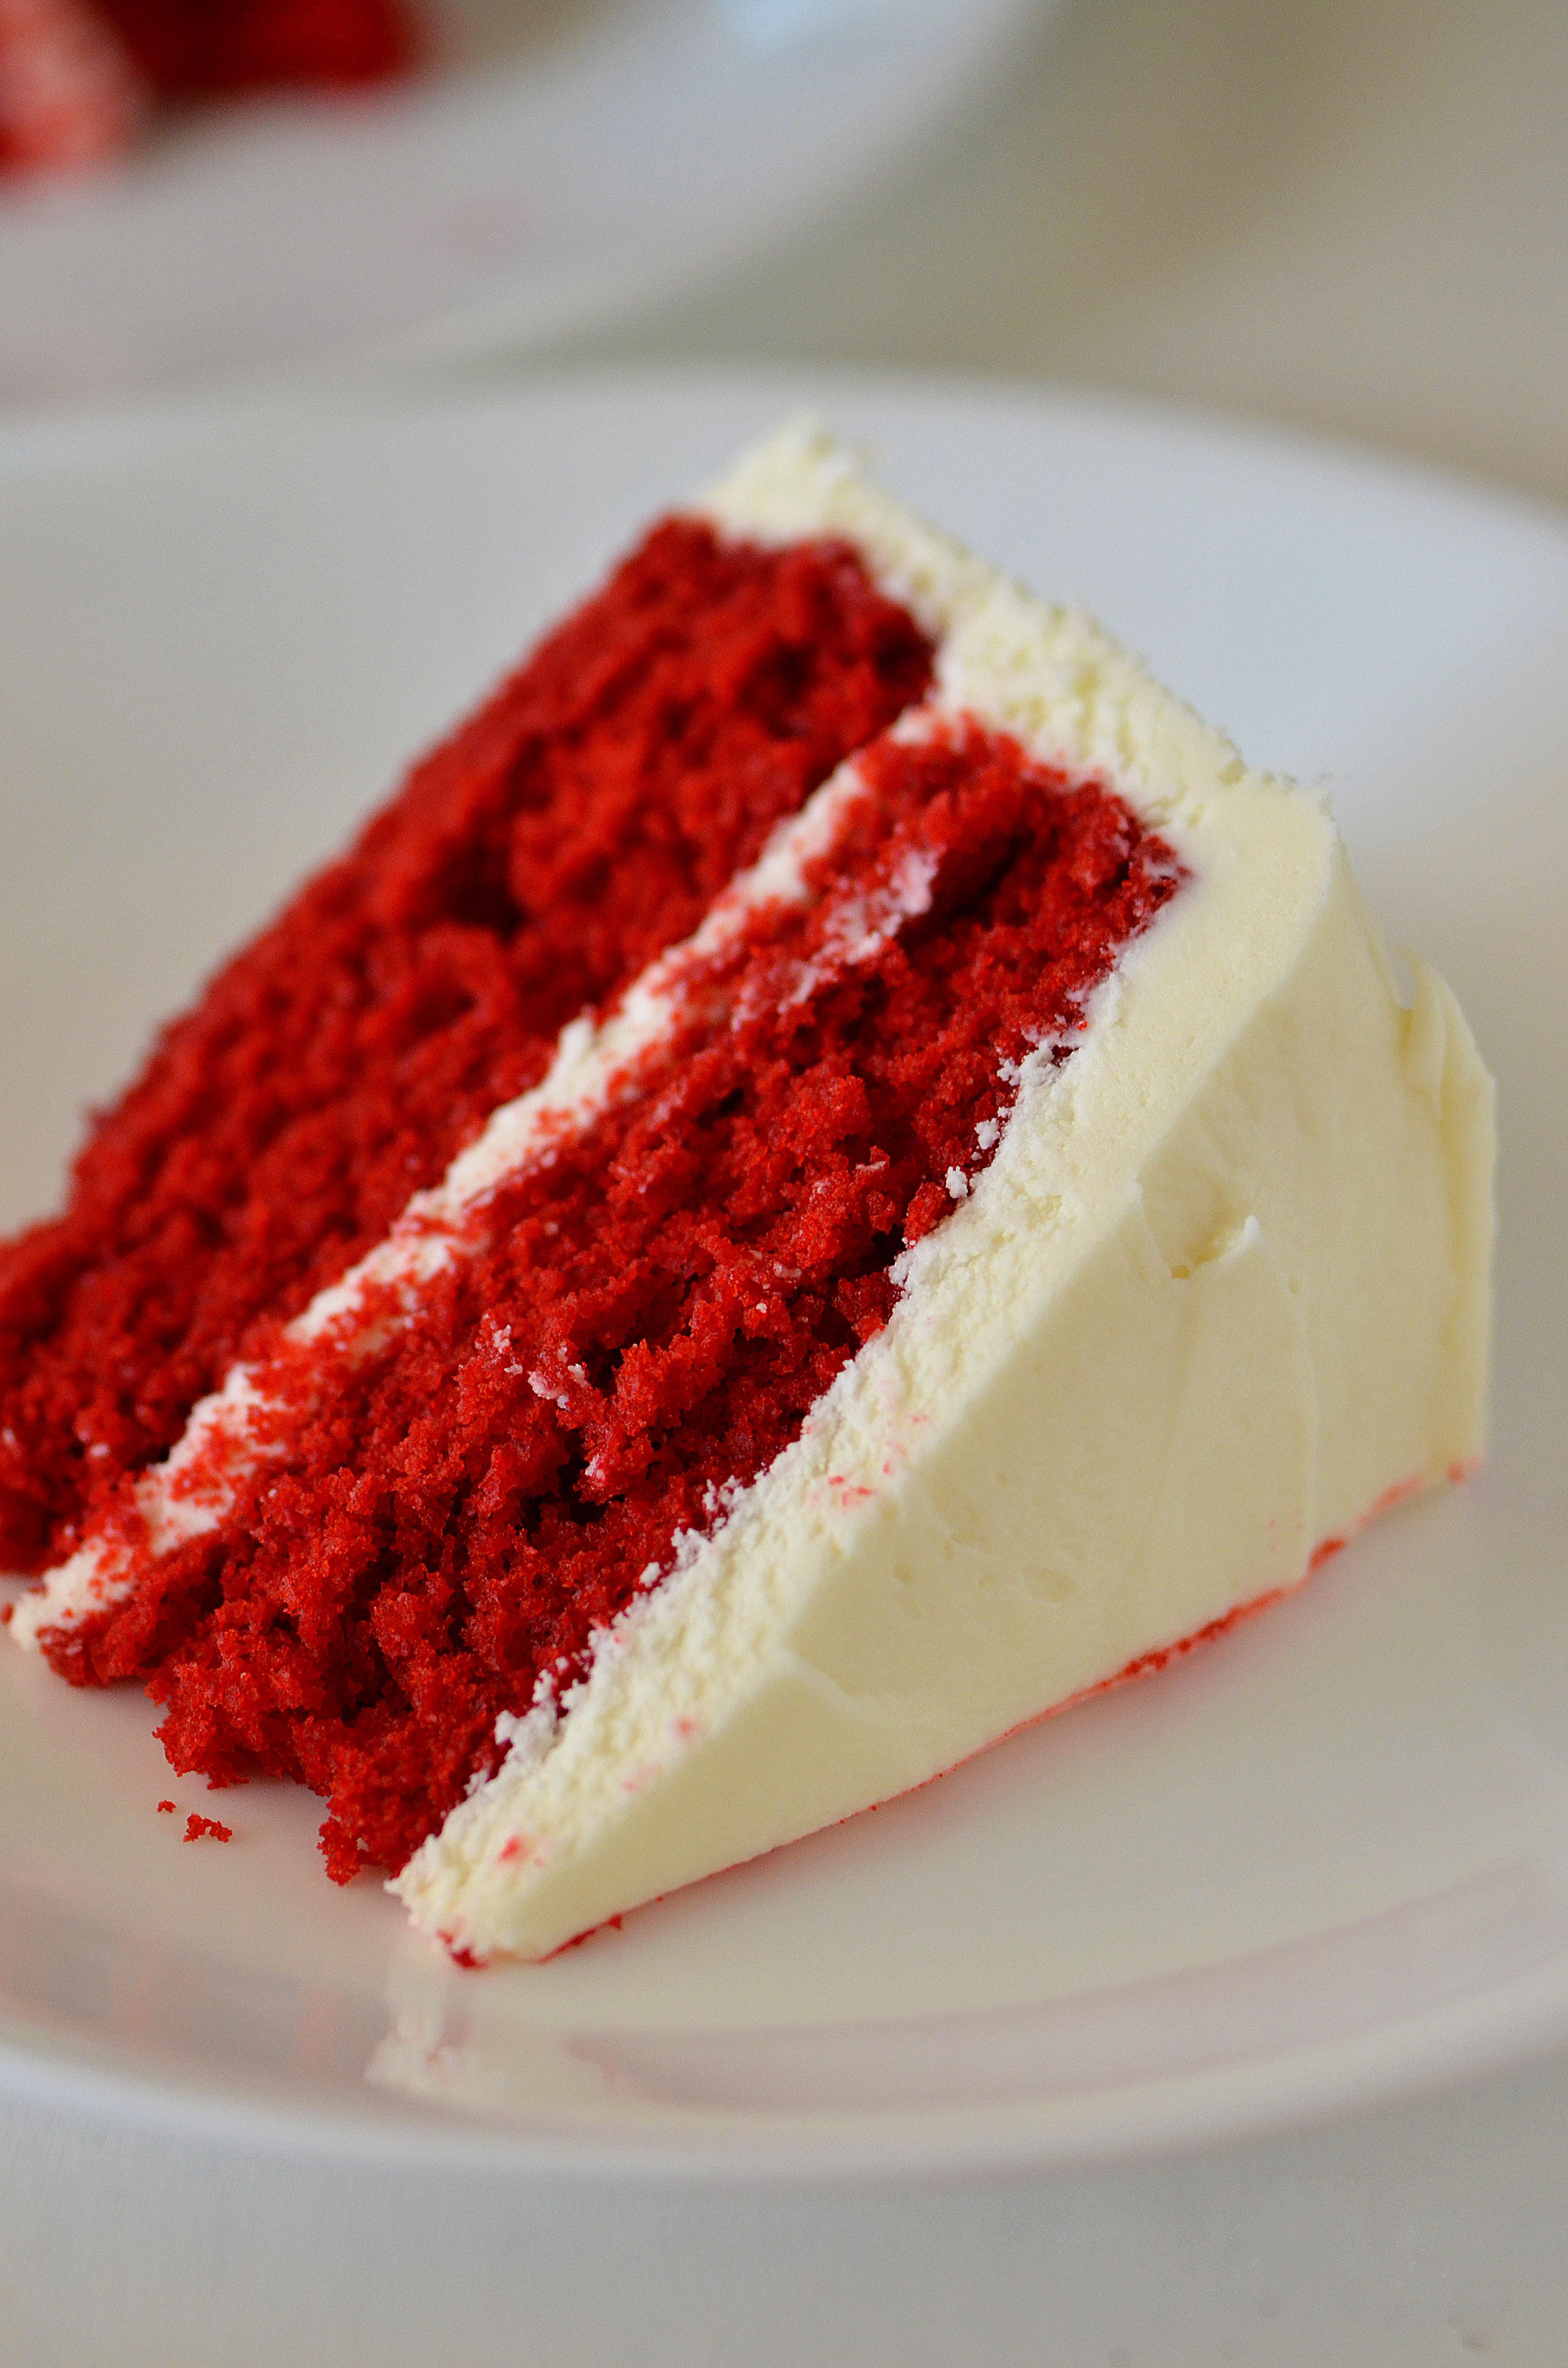 Cream Cheese Frosting For Red Velvet Cake  Red Velvet Cake with Cream Cheese Frosting Life In The